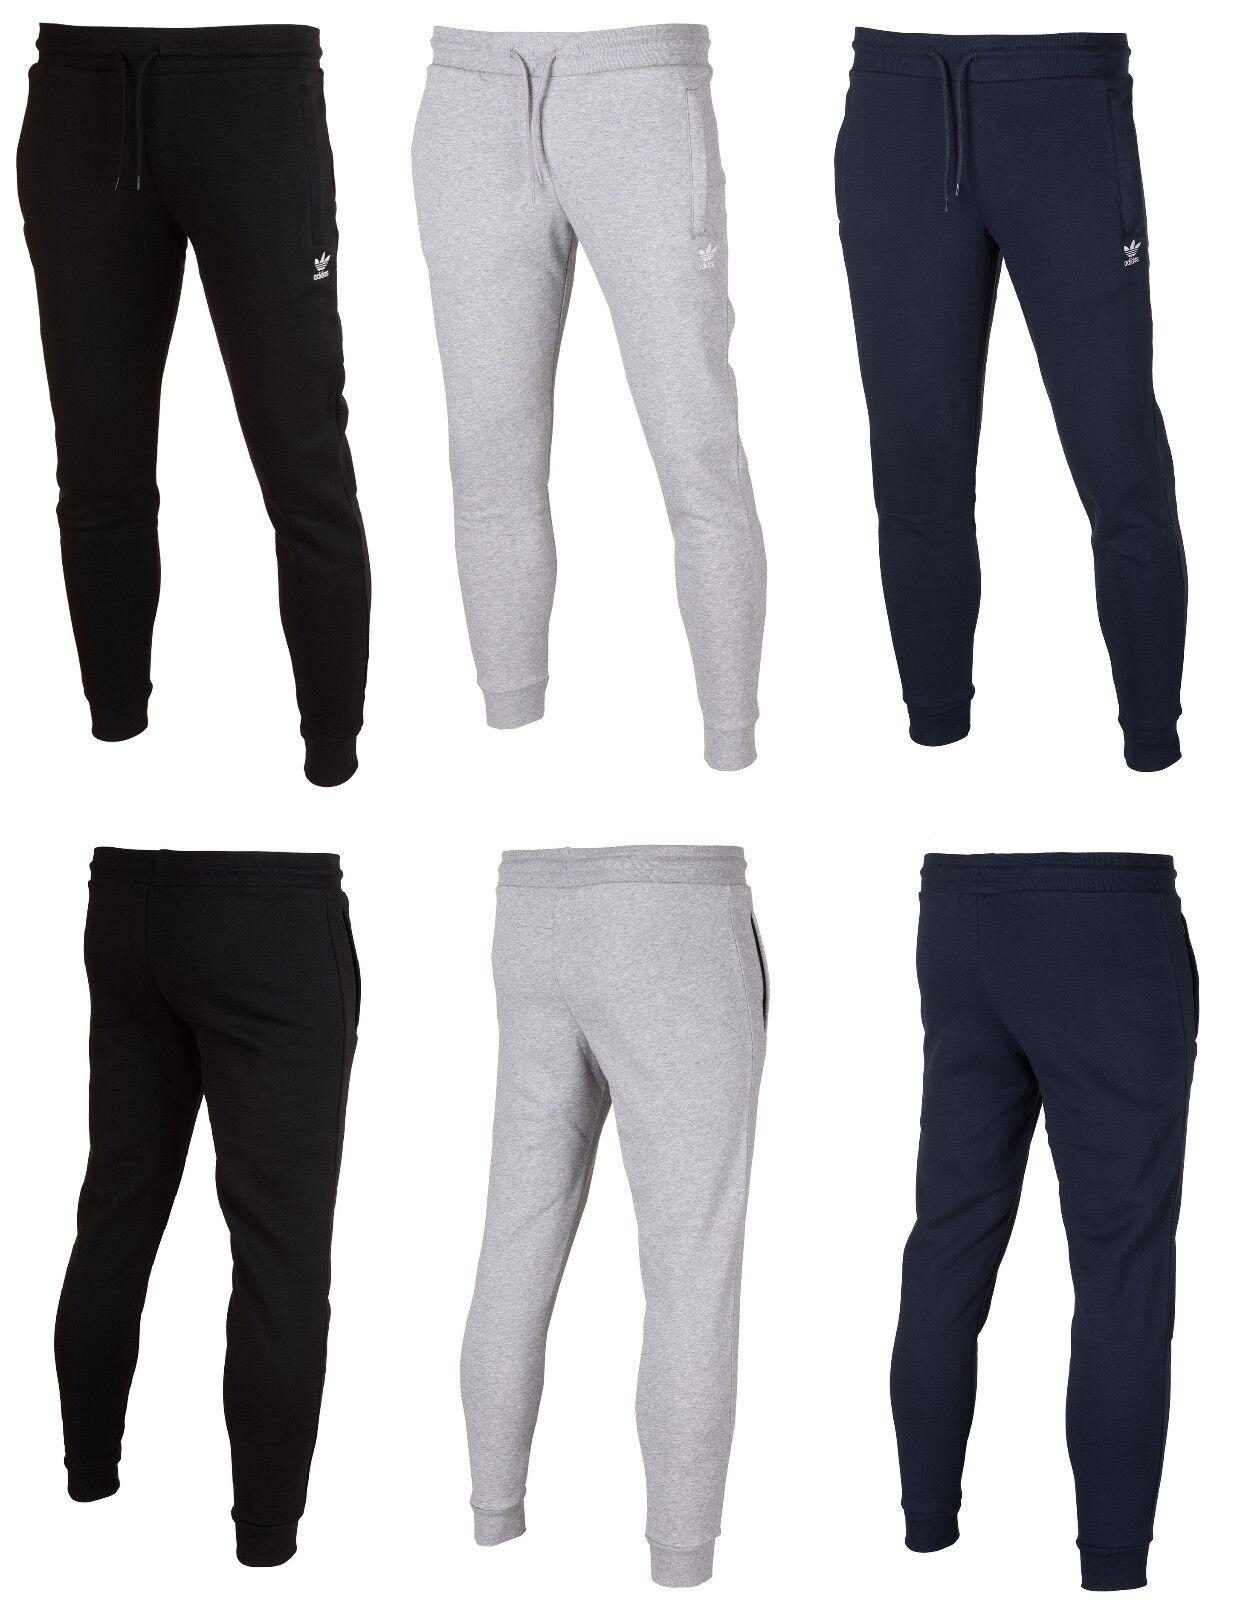 Adidas Herren Hose Trainingshose Sporthose Jogginghose